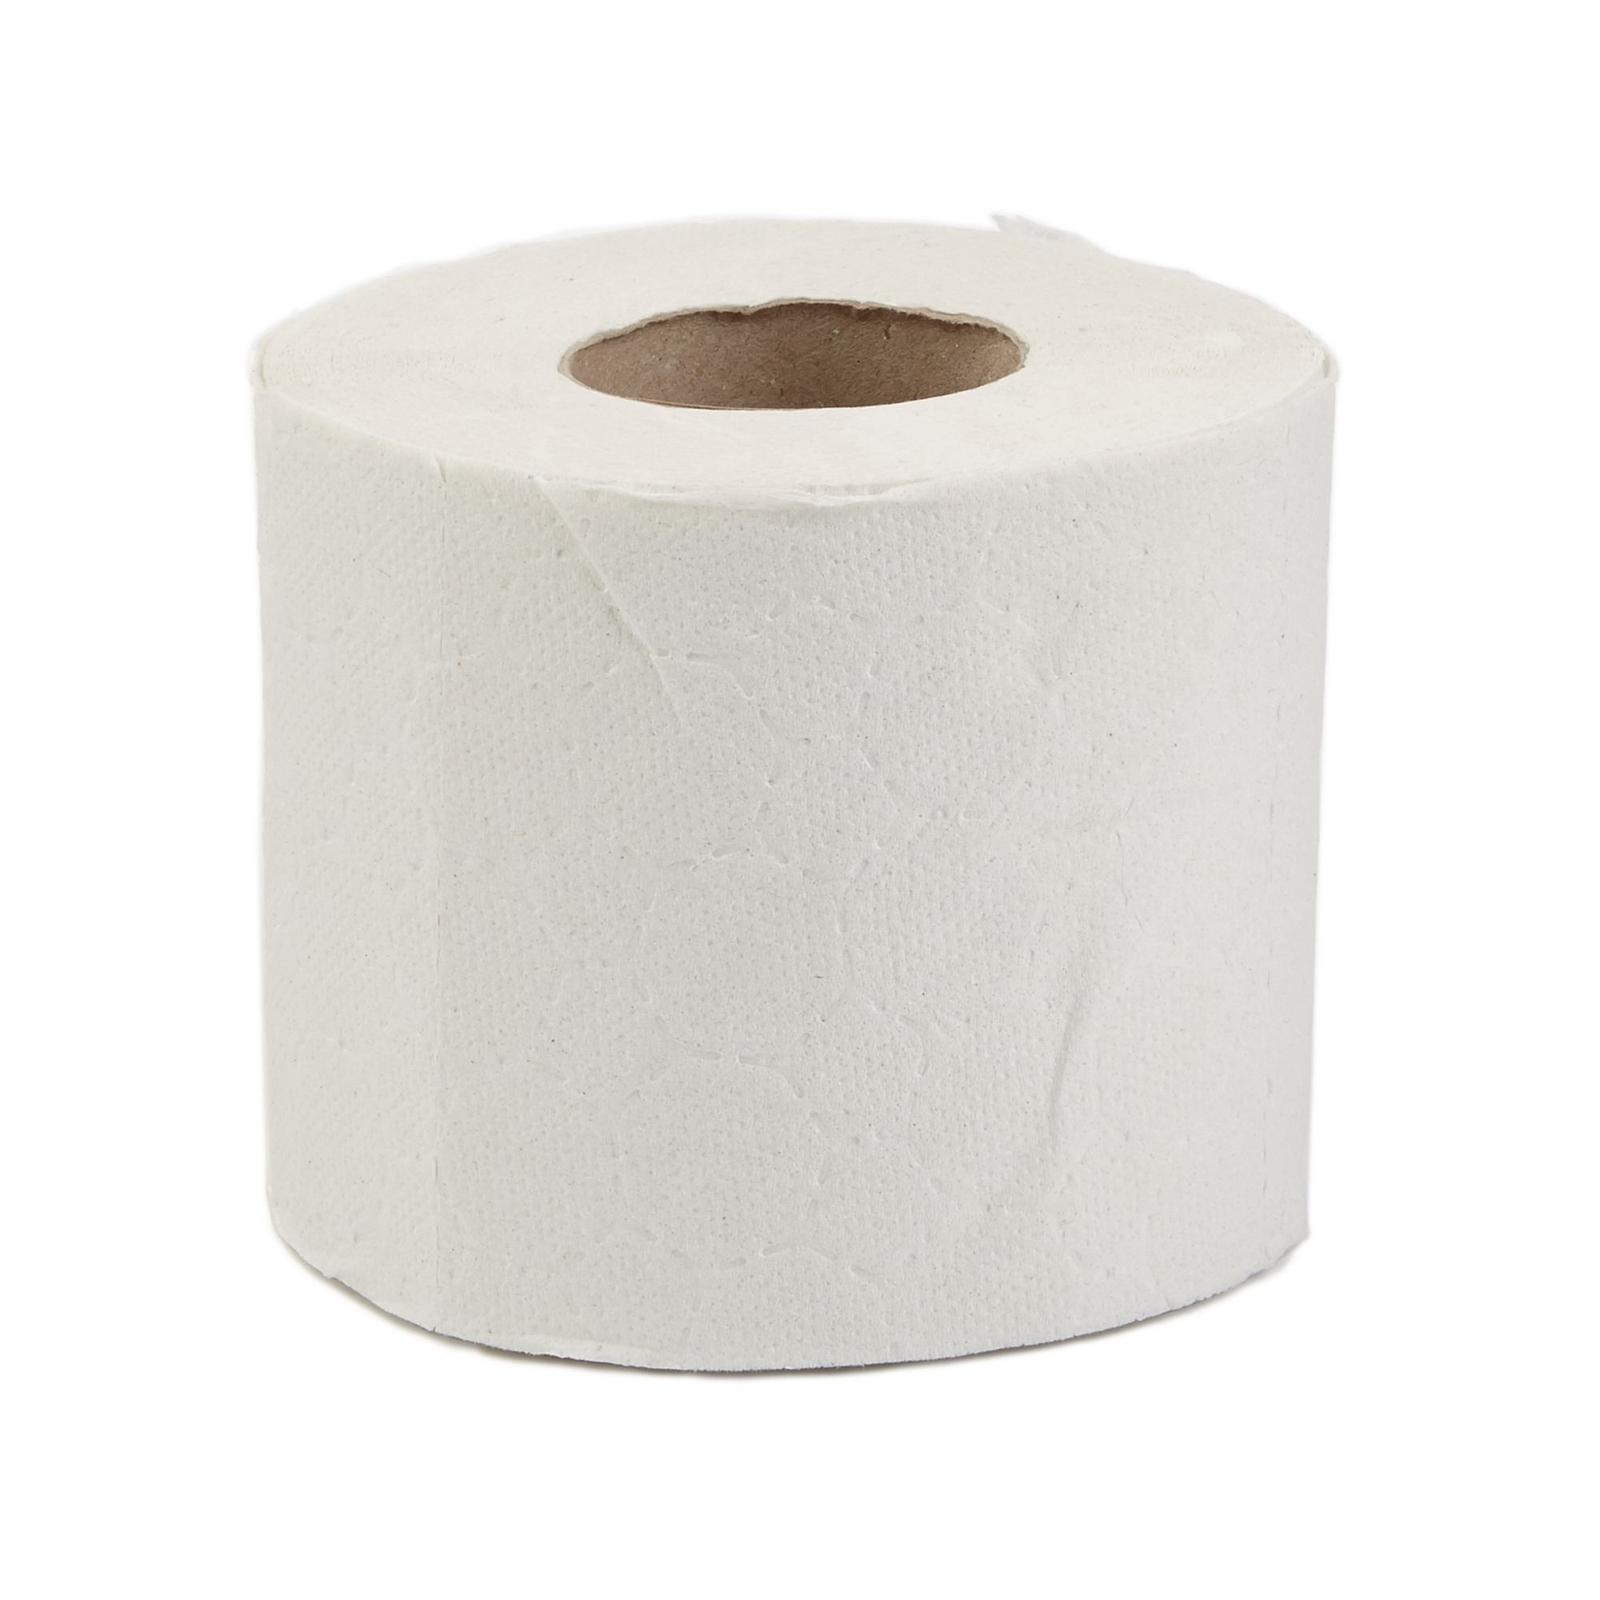 Classmates Toilet Rolls - 200 Sheets